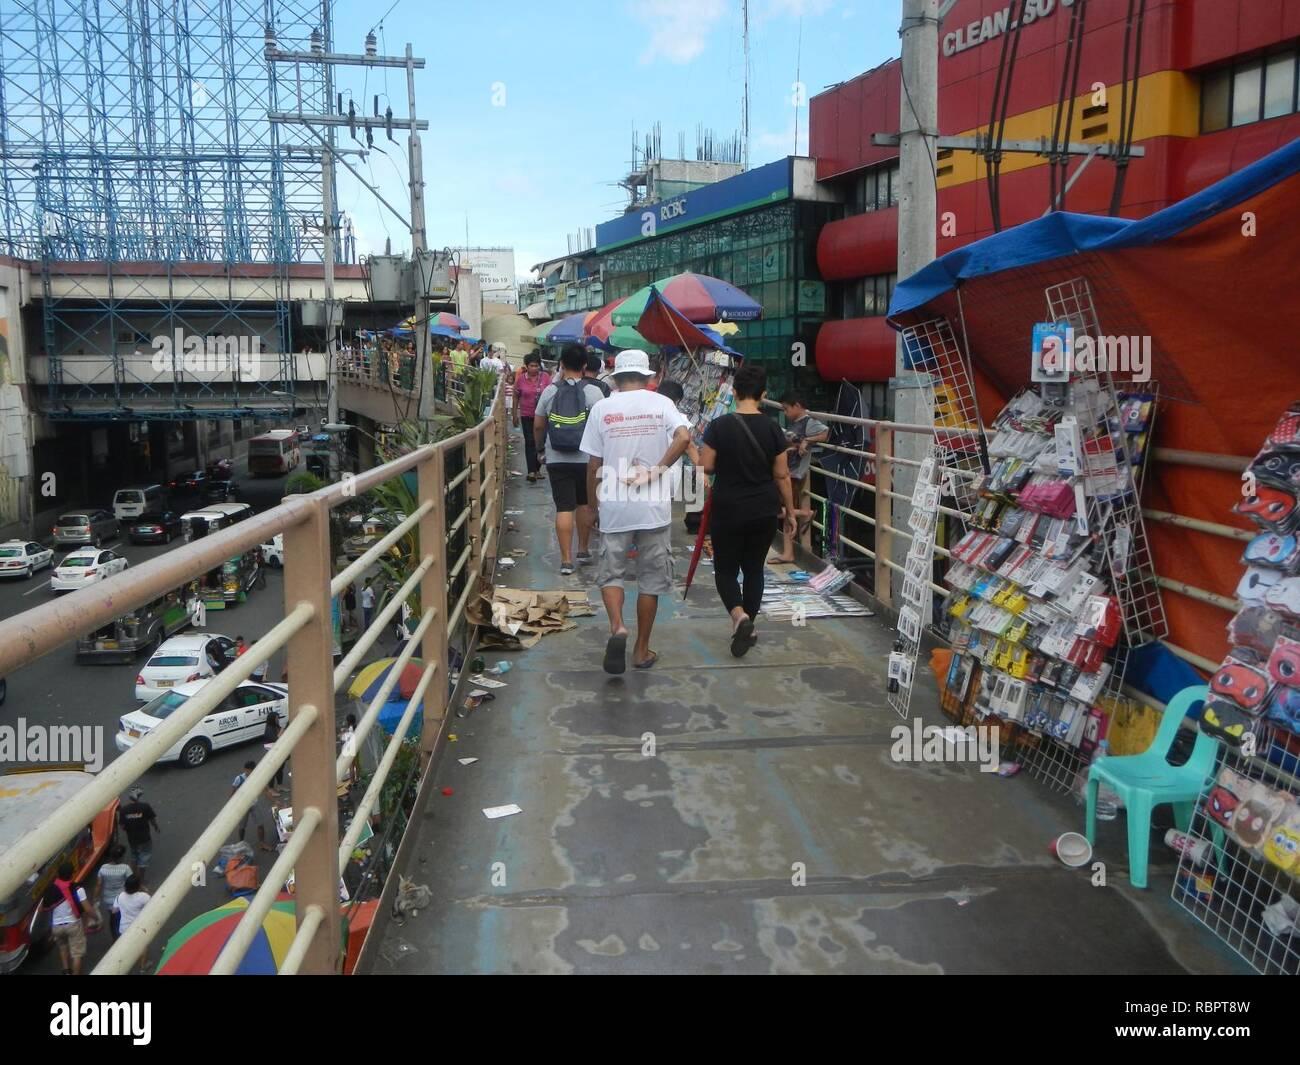 0016jfjfEDSA Taft Avenue MRT Station LRT Footbridge Pasay Cityfvf 25. - Stock Image